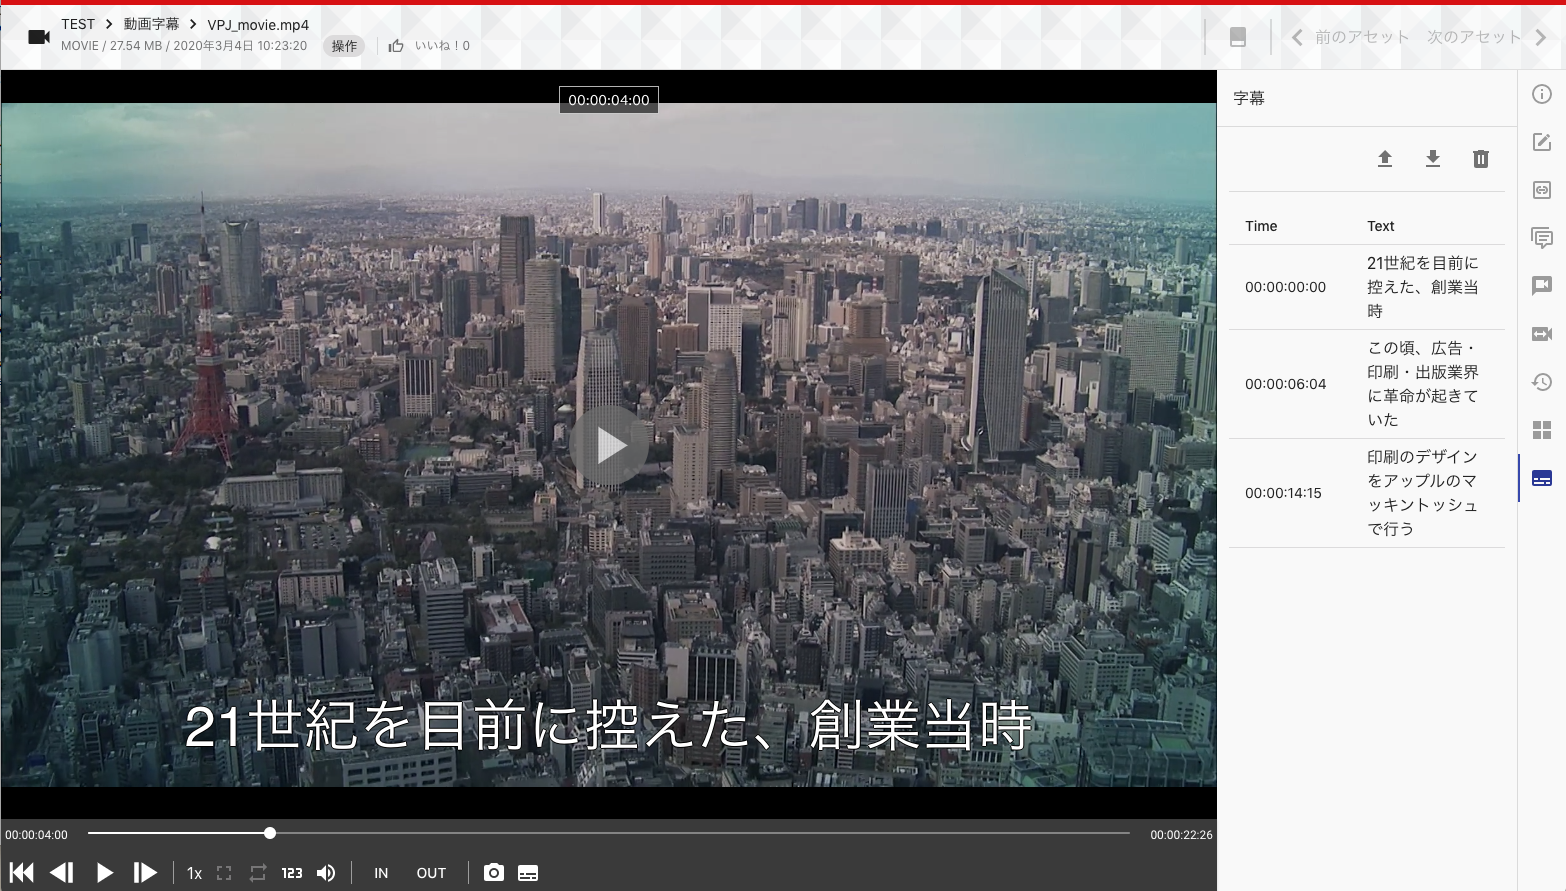 デジタルアセット管理(DAM)システム「CIERTO」:動画管理